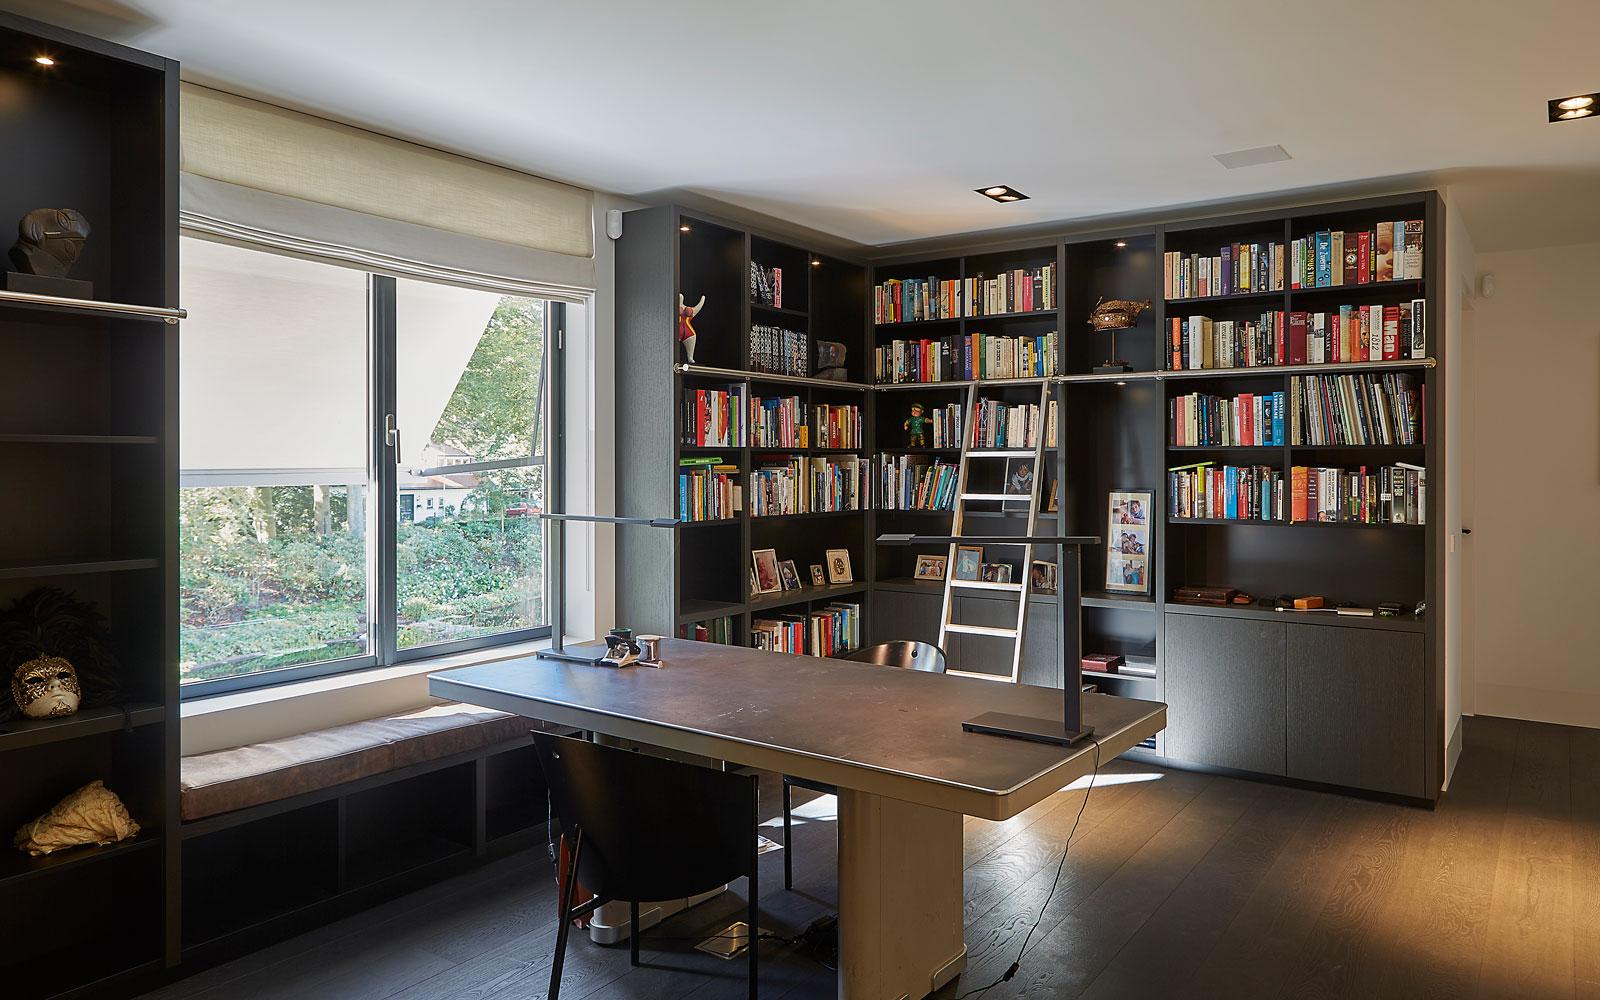 Boekenkast, bibliotheek, donkere kleuren, maatwerk kasten, symmetrische villa, PBV Architects